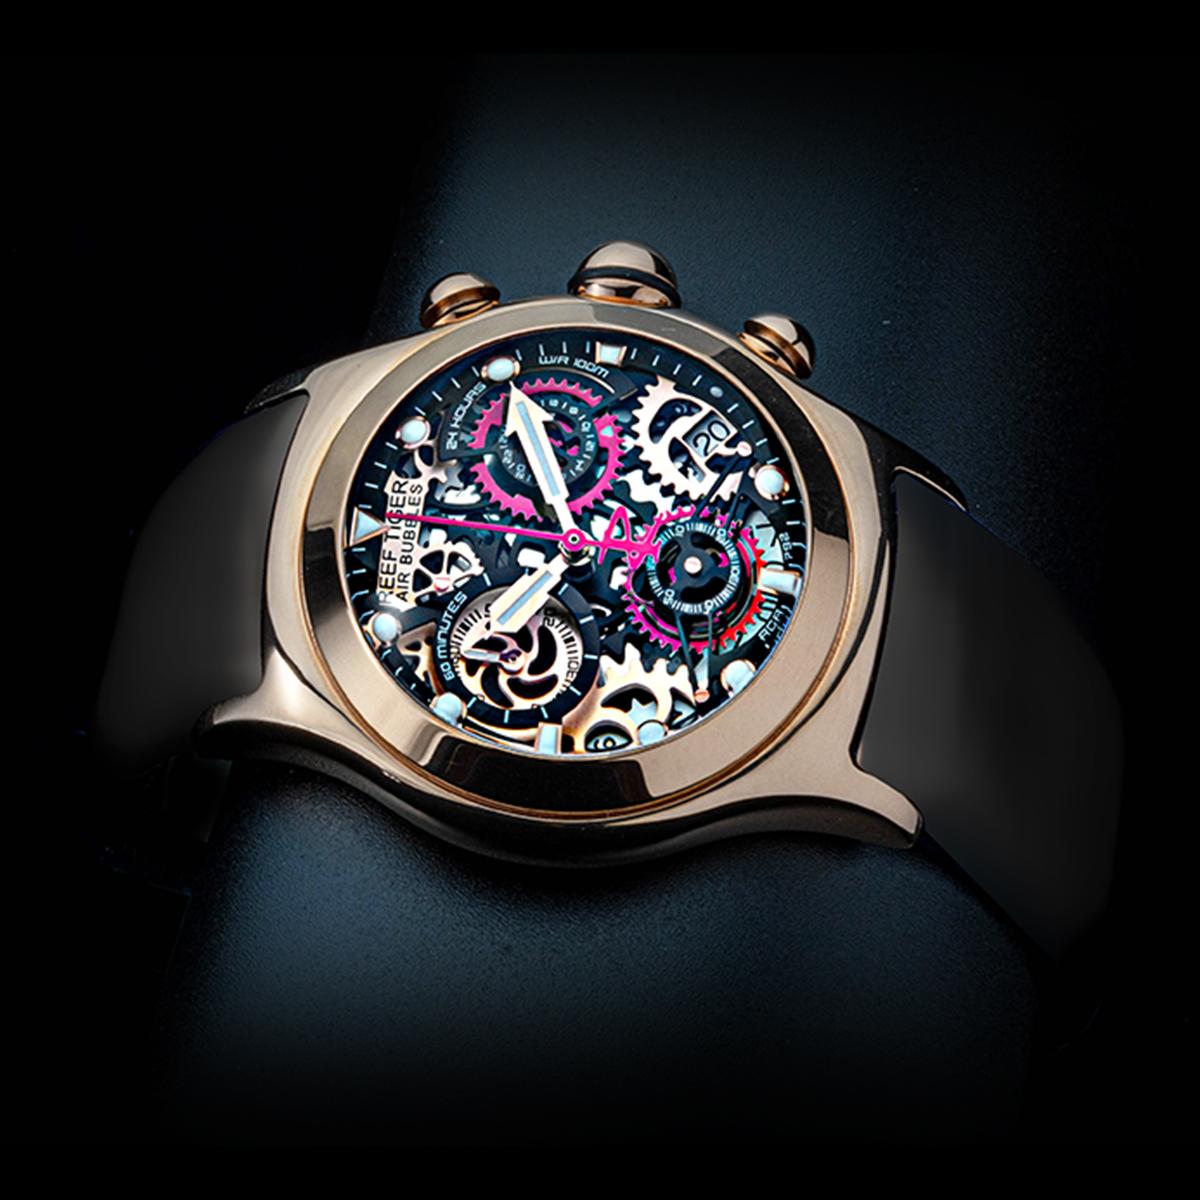 クォーツ式スケルトン腕時計【REEF TIGER】 幻想的な球面ガラス  RGA792PBBR ピンクゴールド